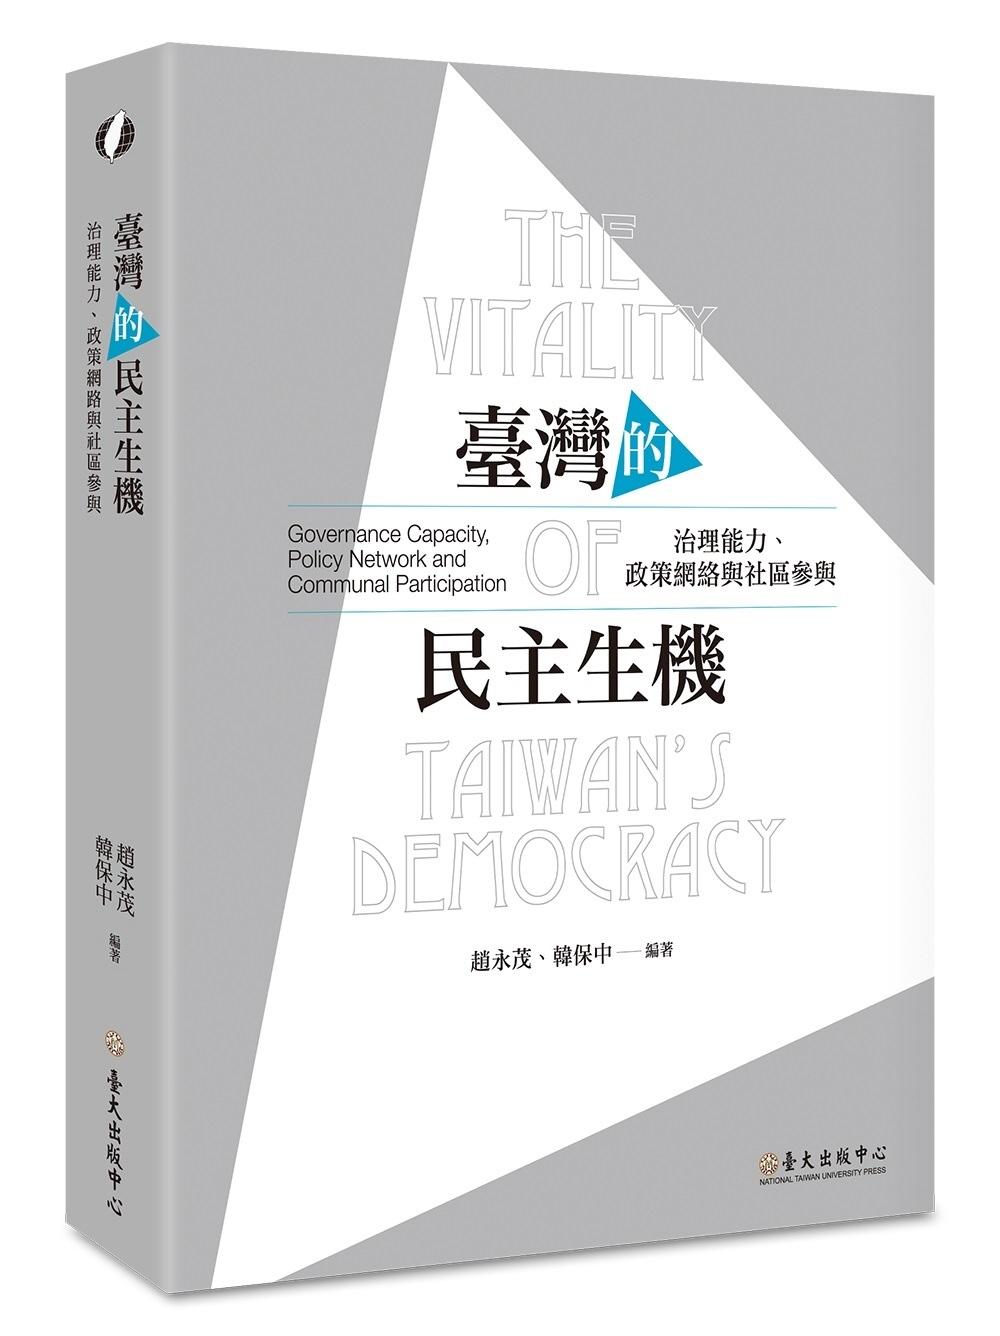 ◤博客來BOOKS◢ 暢銷書榜《推薦》臺灣的民主生機:治理能力、政策網絡與社區參與